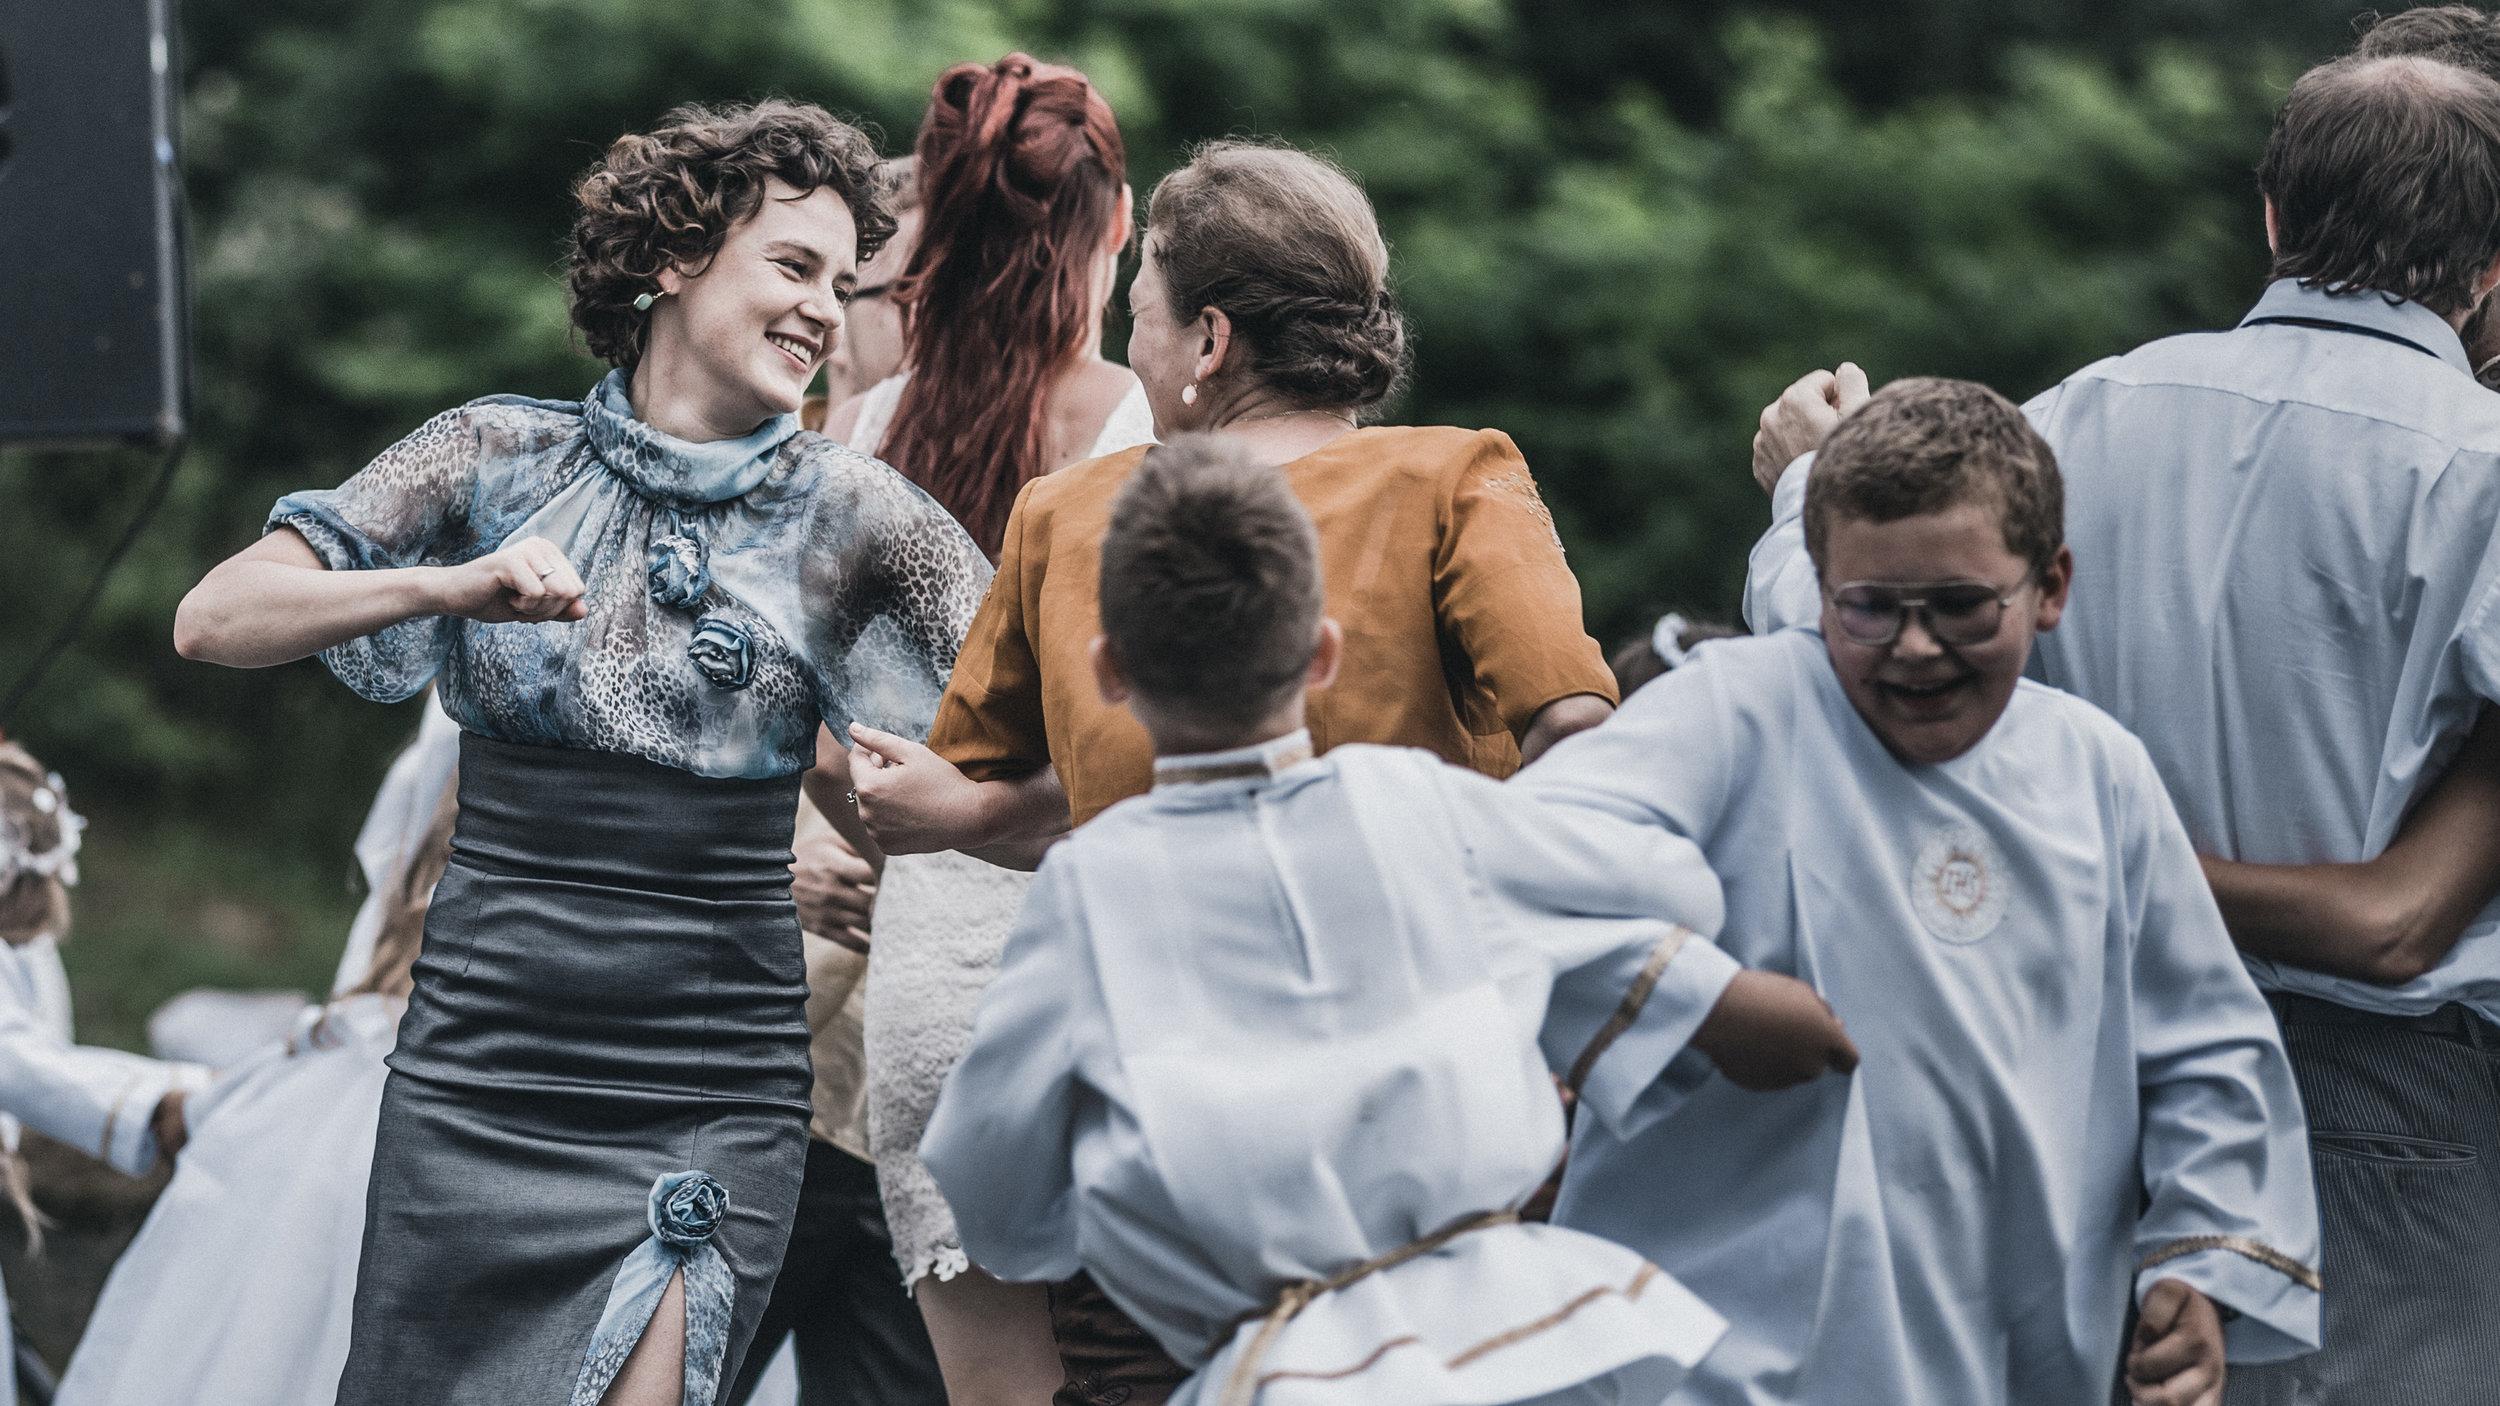 Jaceks søster (Agnieszka Podsiadlik) svinger seg under festen for menighetens konfirmanter.